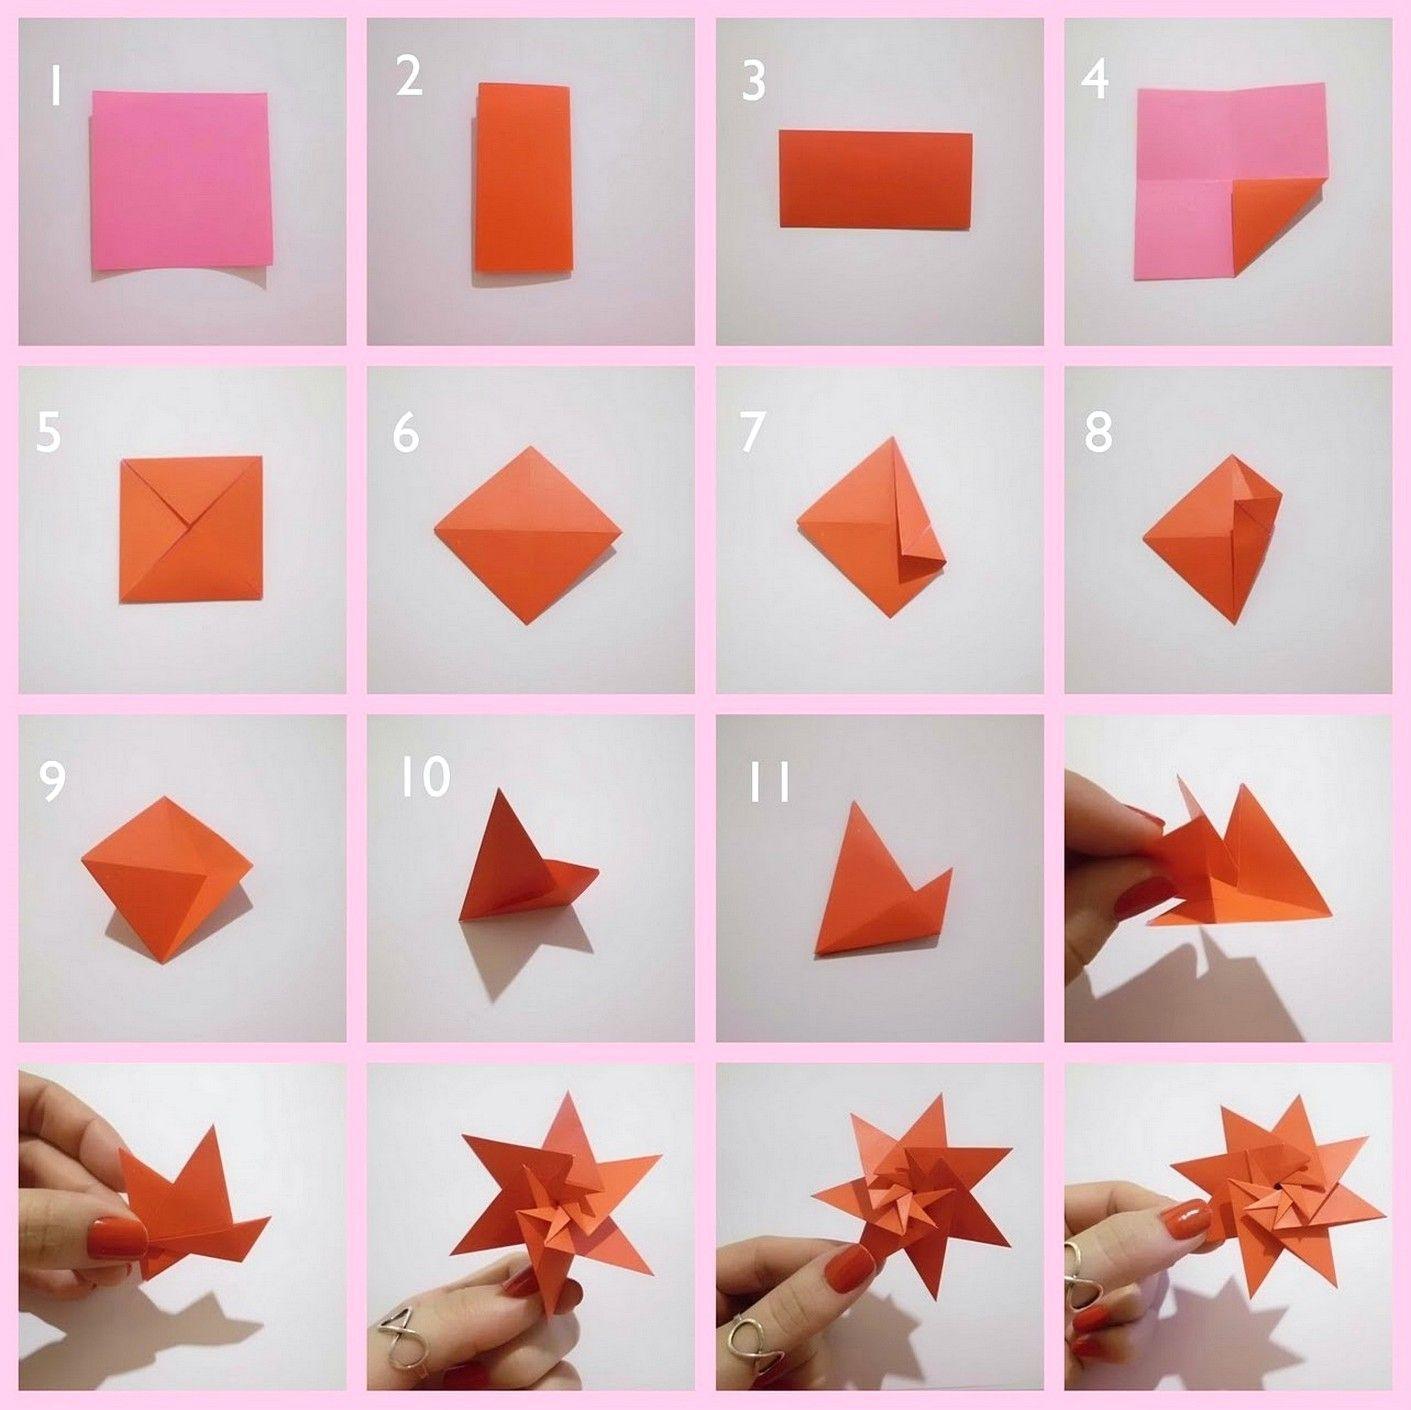 Desain Hiasan Dinding Kamar Tidur Dari Kertas Origami Origami Mudah Origami Tutorial Origami Hiasan dari kertas origami